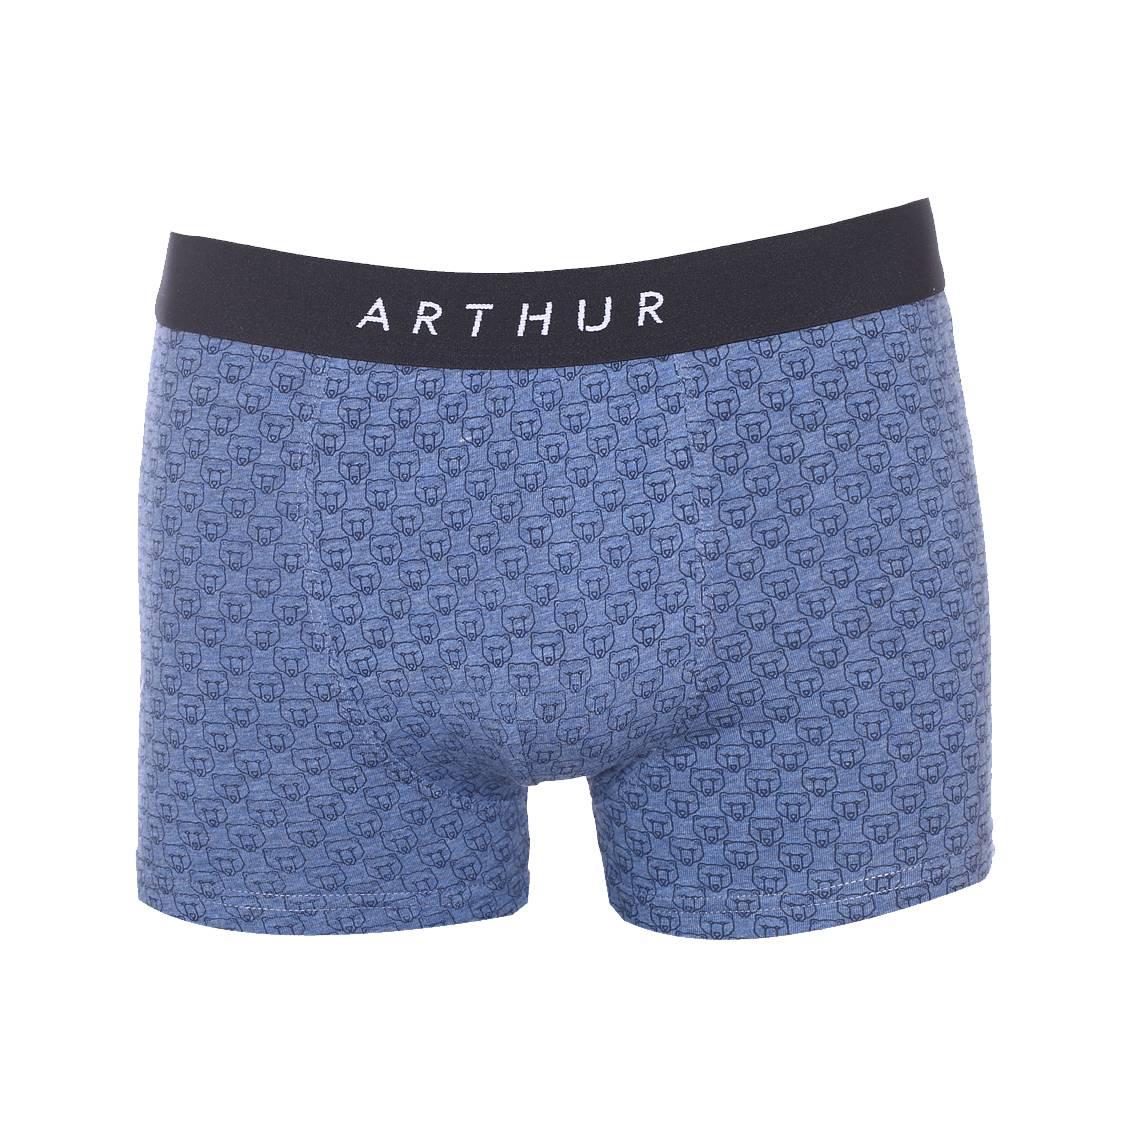 Boxer Arthur en coton stretch bleu jean à imprimés têtes d'ours